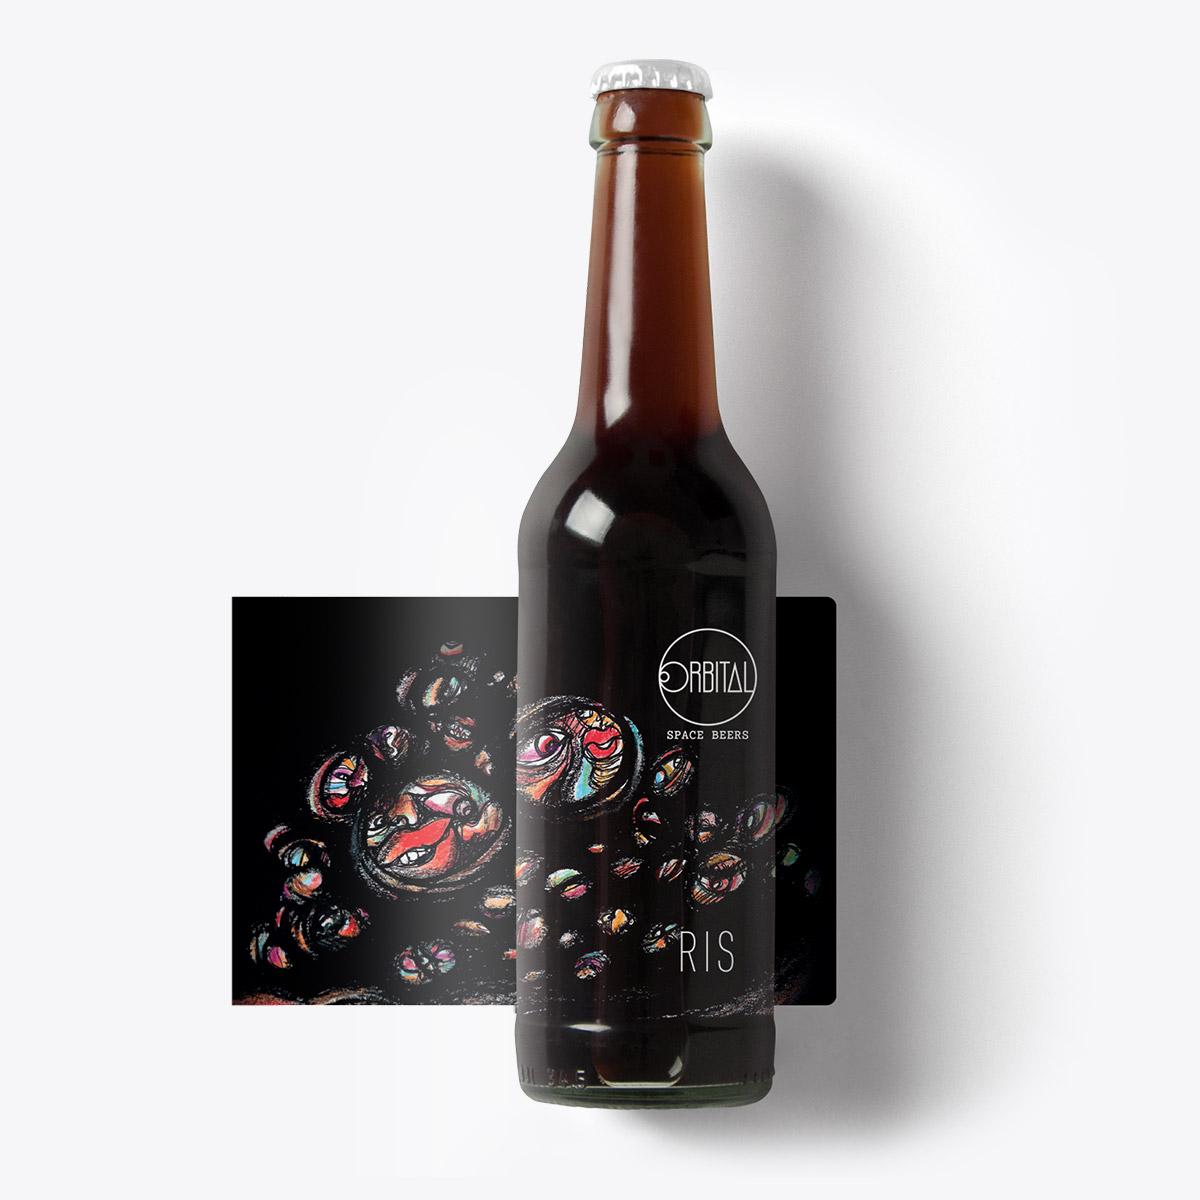 Orbital Space Beers - RIS